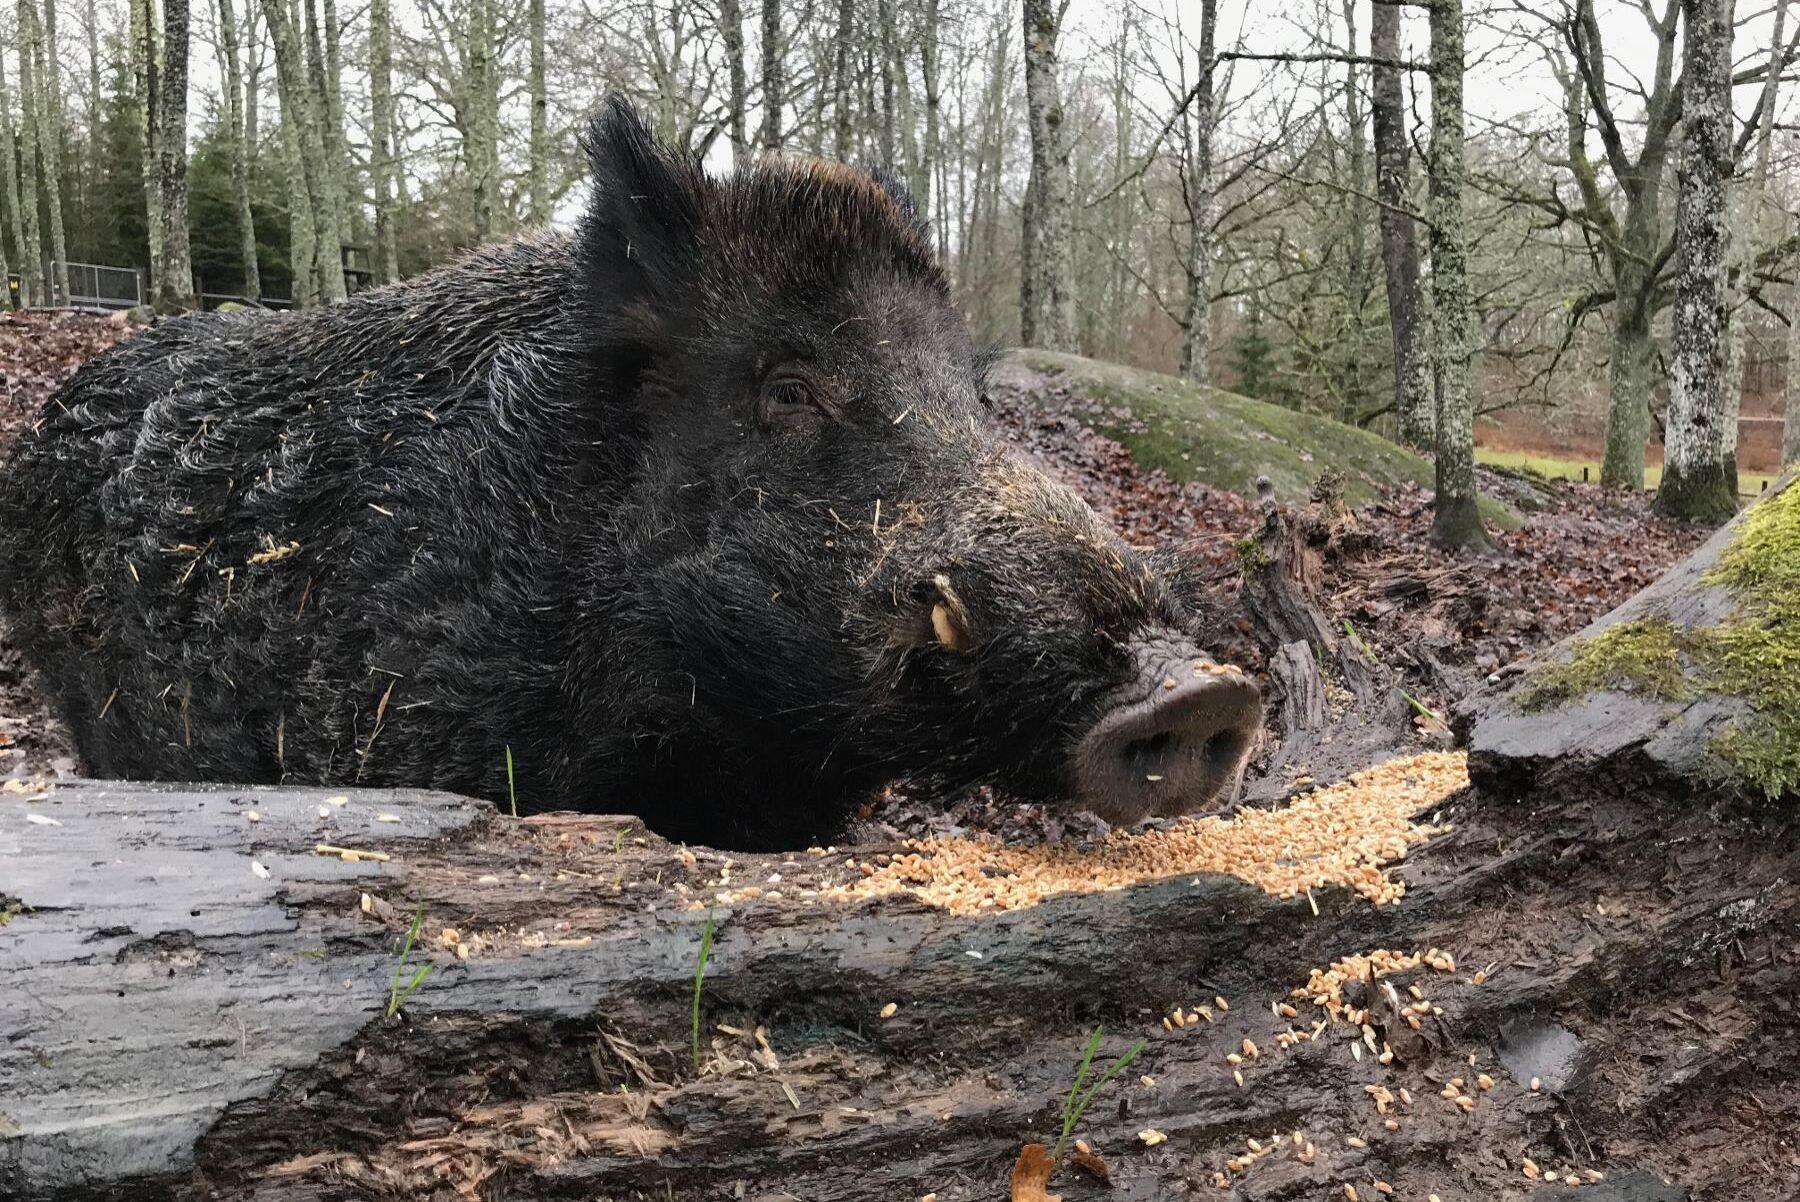 Genom en ändring i jaktlagen ska länsstyrelsen från 1 oktober i år kunna stoppa utfodring av vilt (arkivbild).